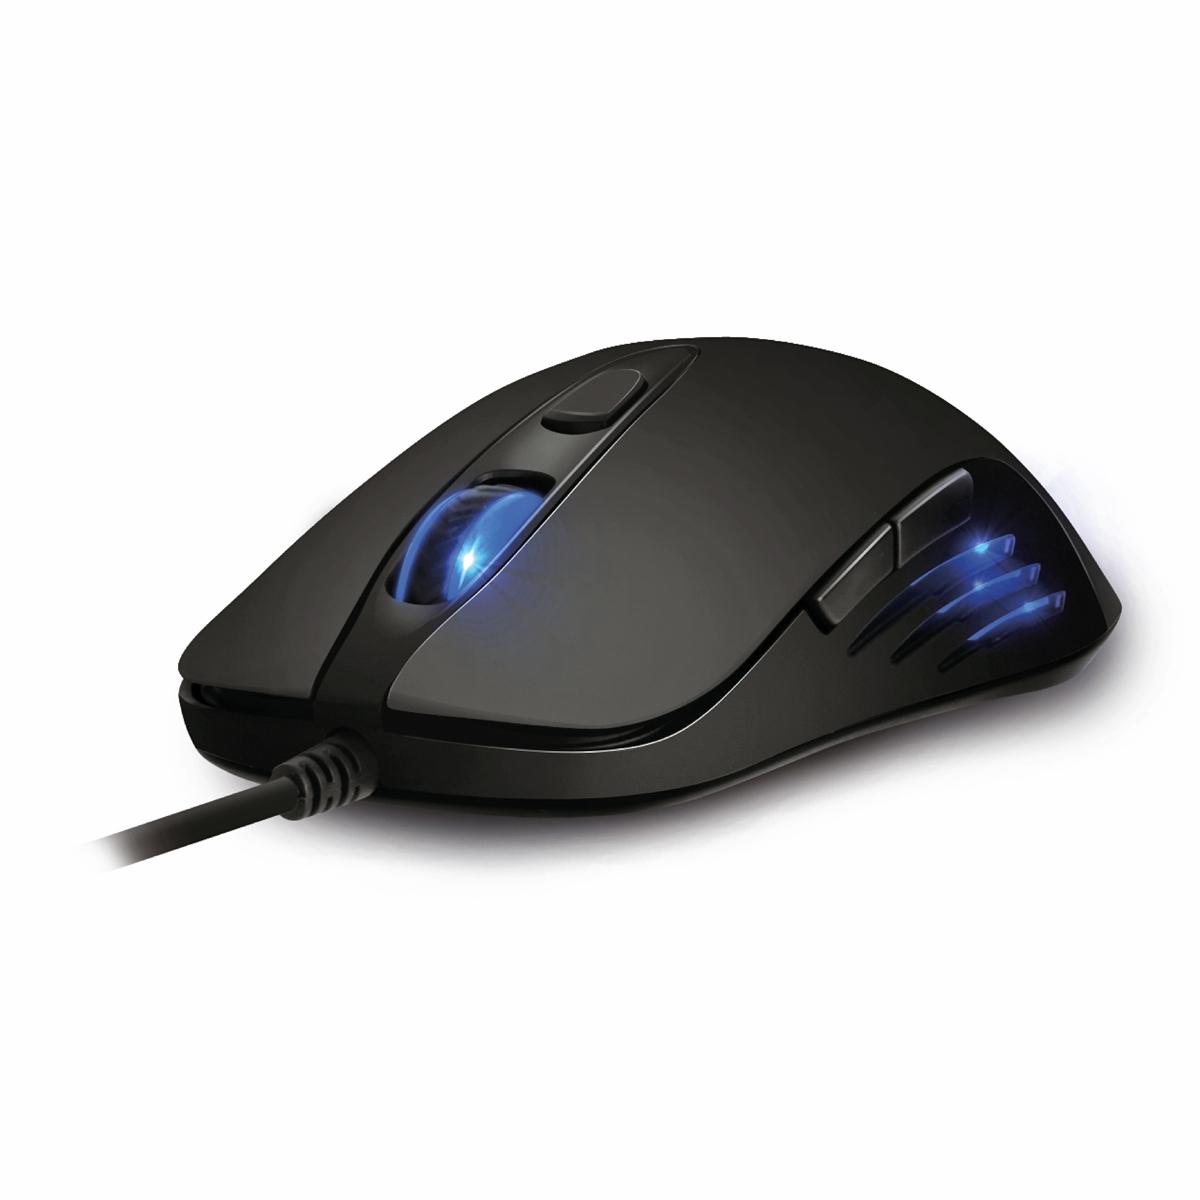 VARR Gaming set, keyboard: cherry R1-R4, mouse 3200dpi PIXART, muismat zwart met VARR logo